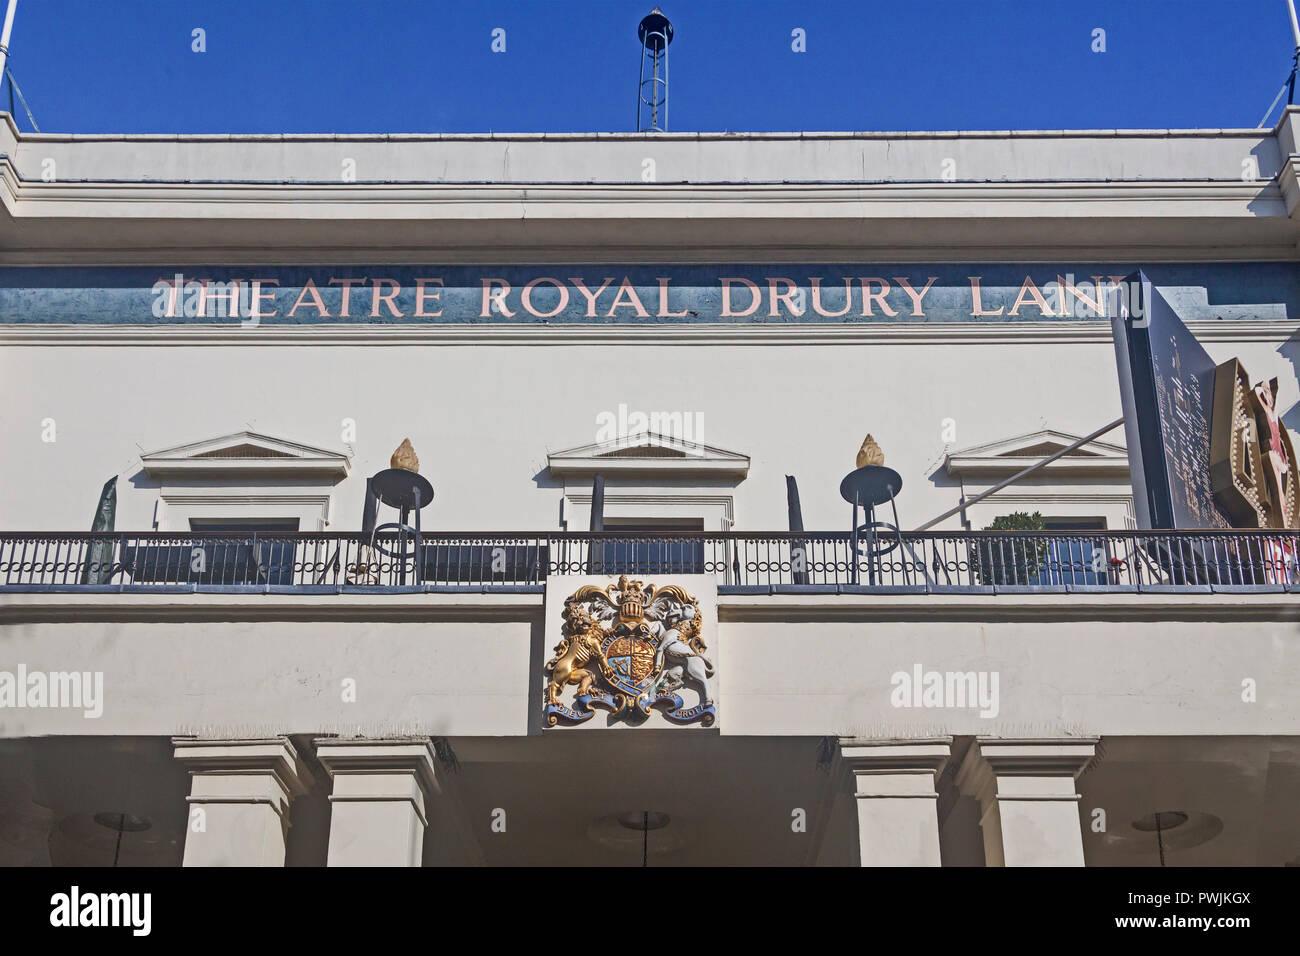 Londra Covent Garden . Il Theatre Royal Drury Lane, che mostra la sezione centrale della facciata del 1812. Immagini Stock